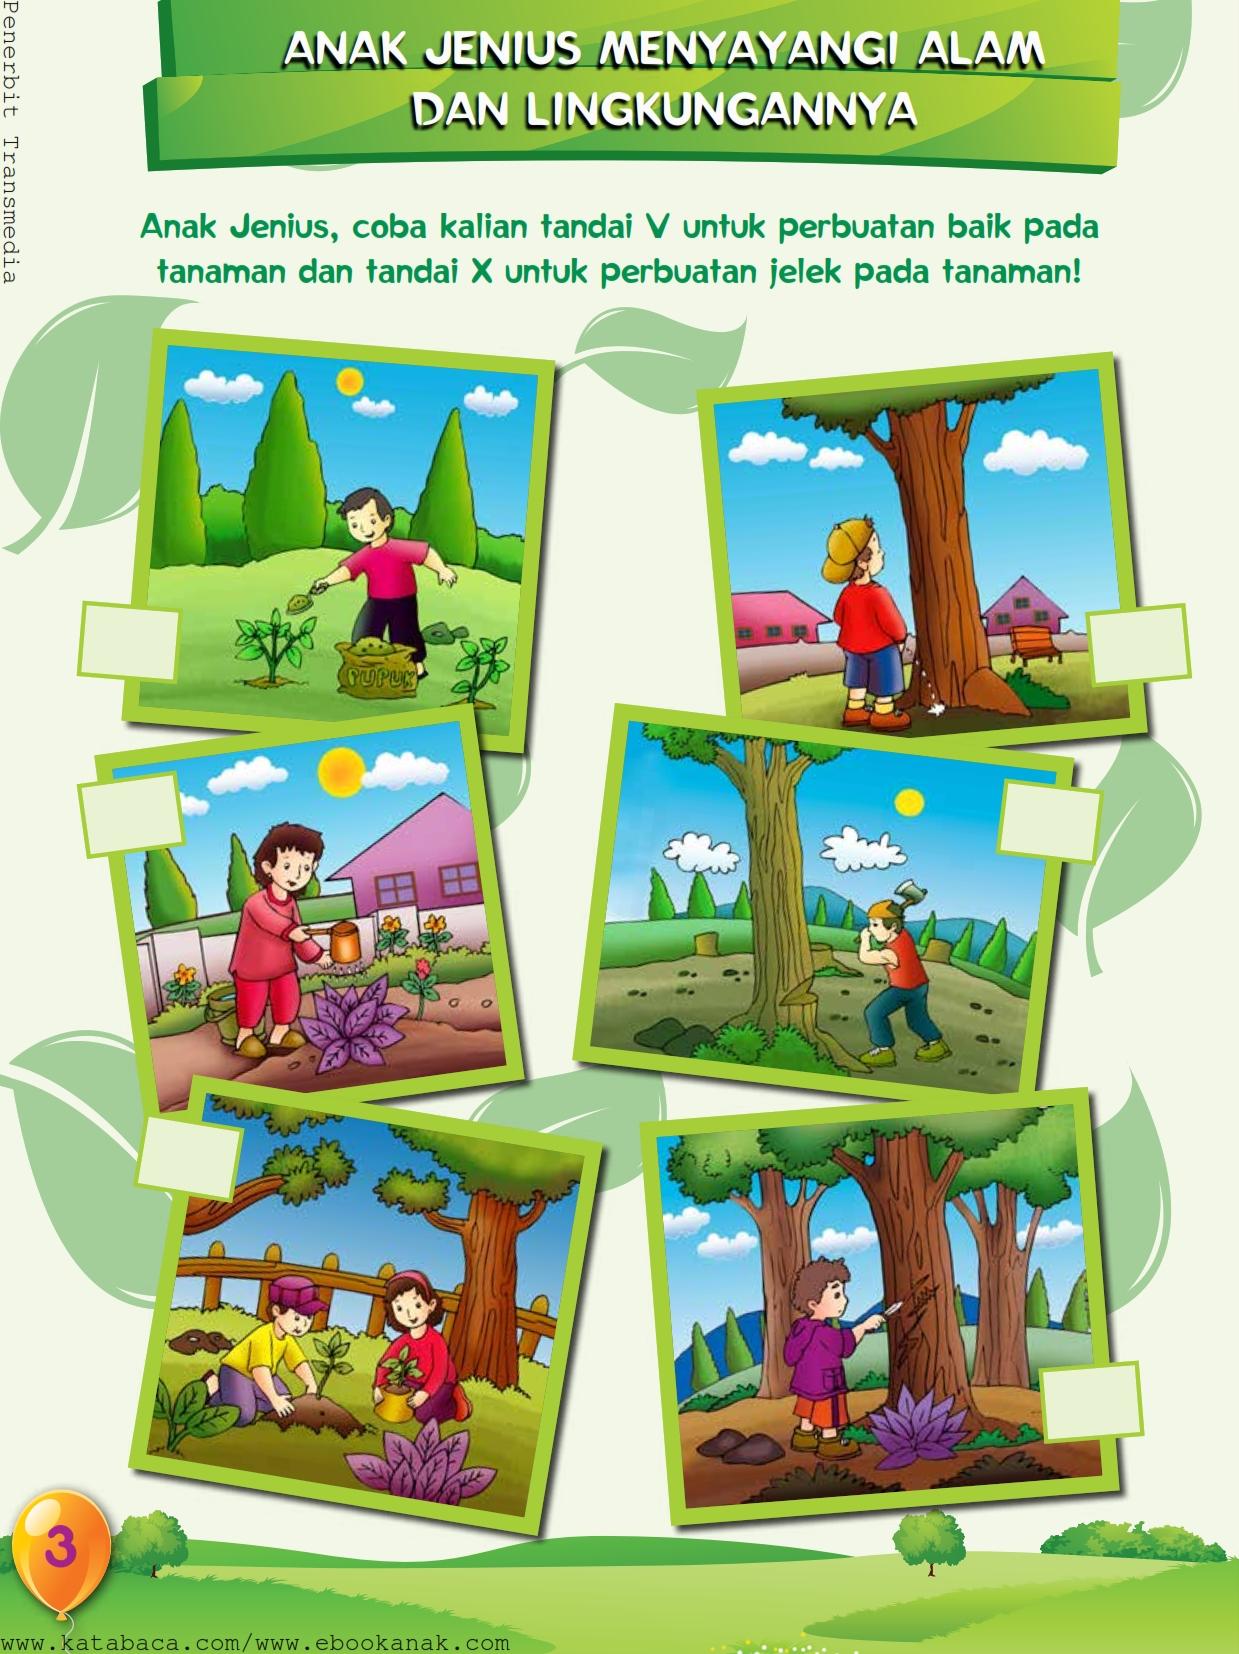 baca buku online, buku aktivitas anak jenius TK A B_006 anak jenius menyayangi alam dan lingkungannya